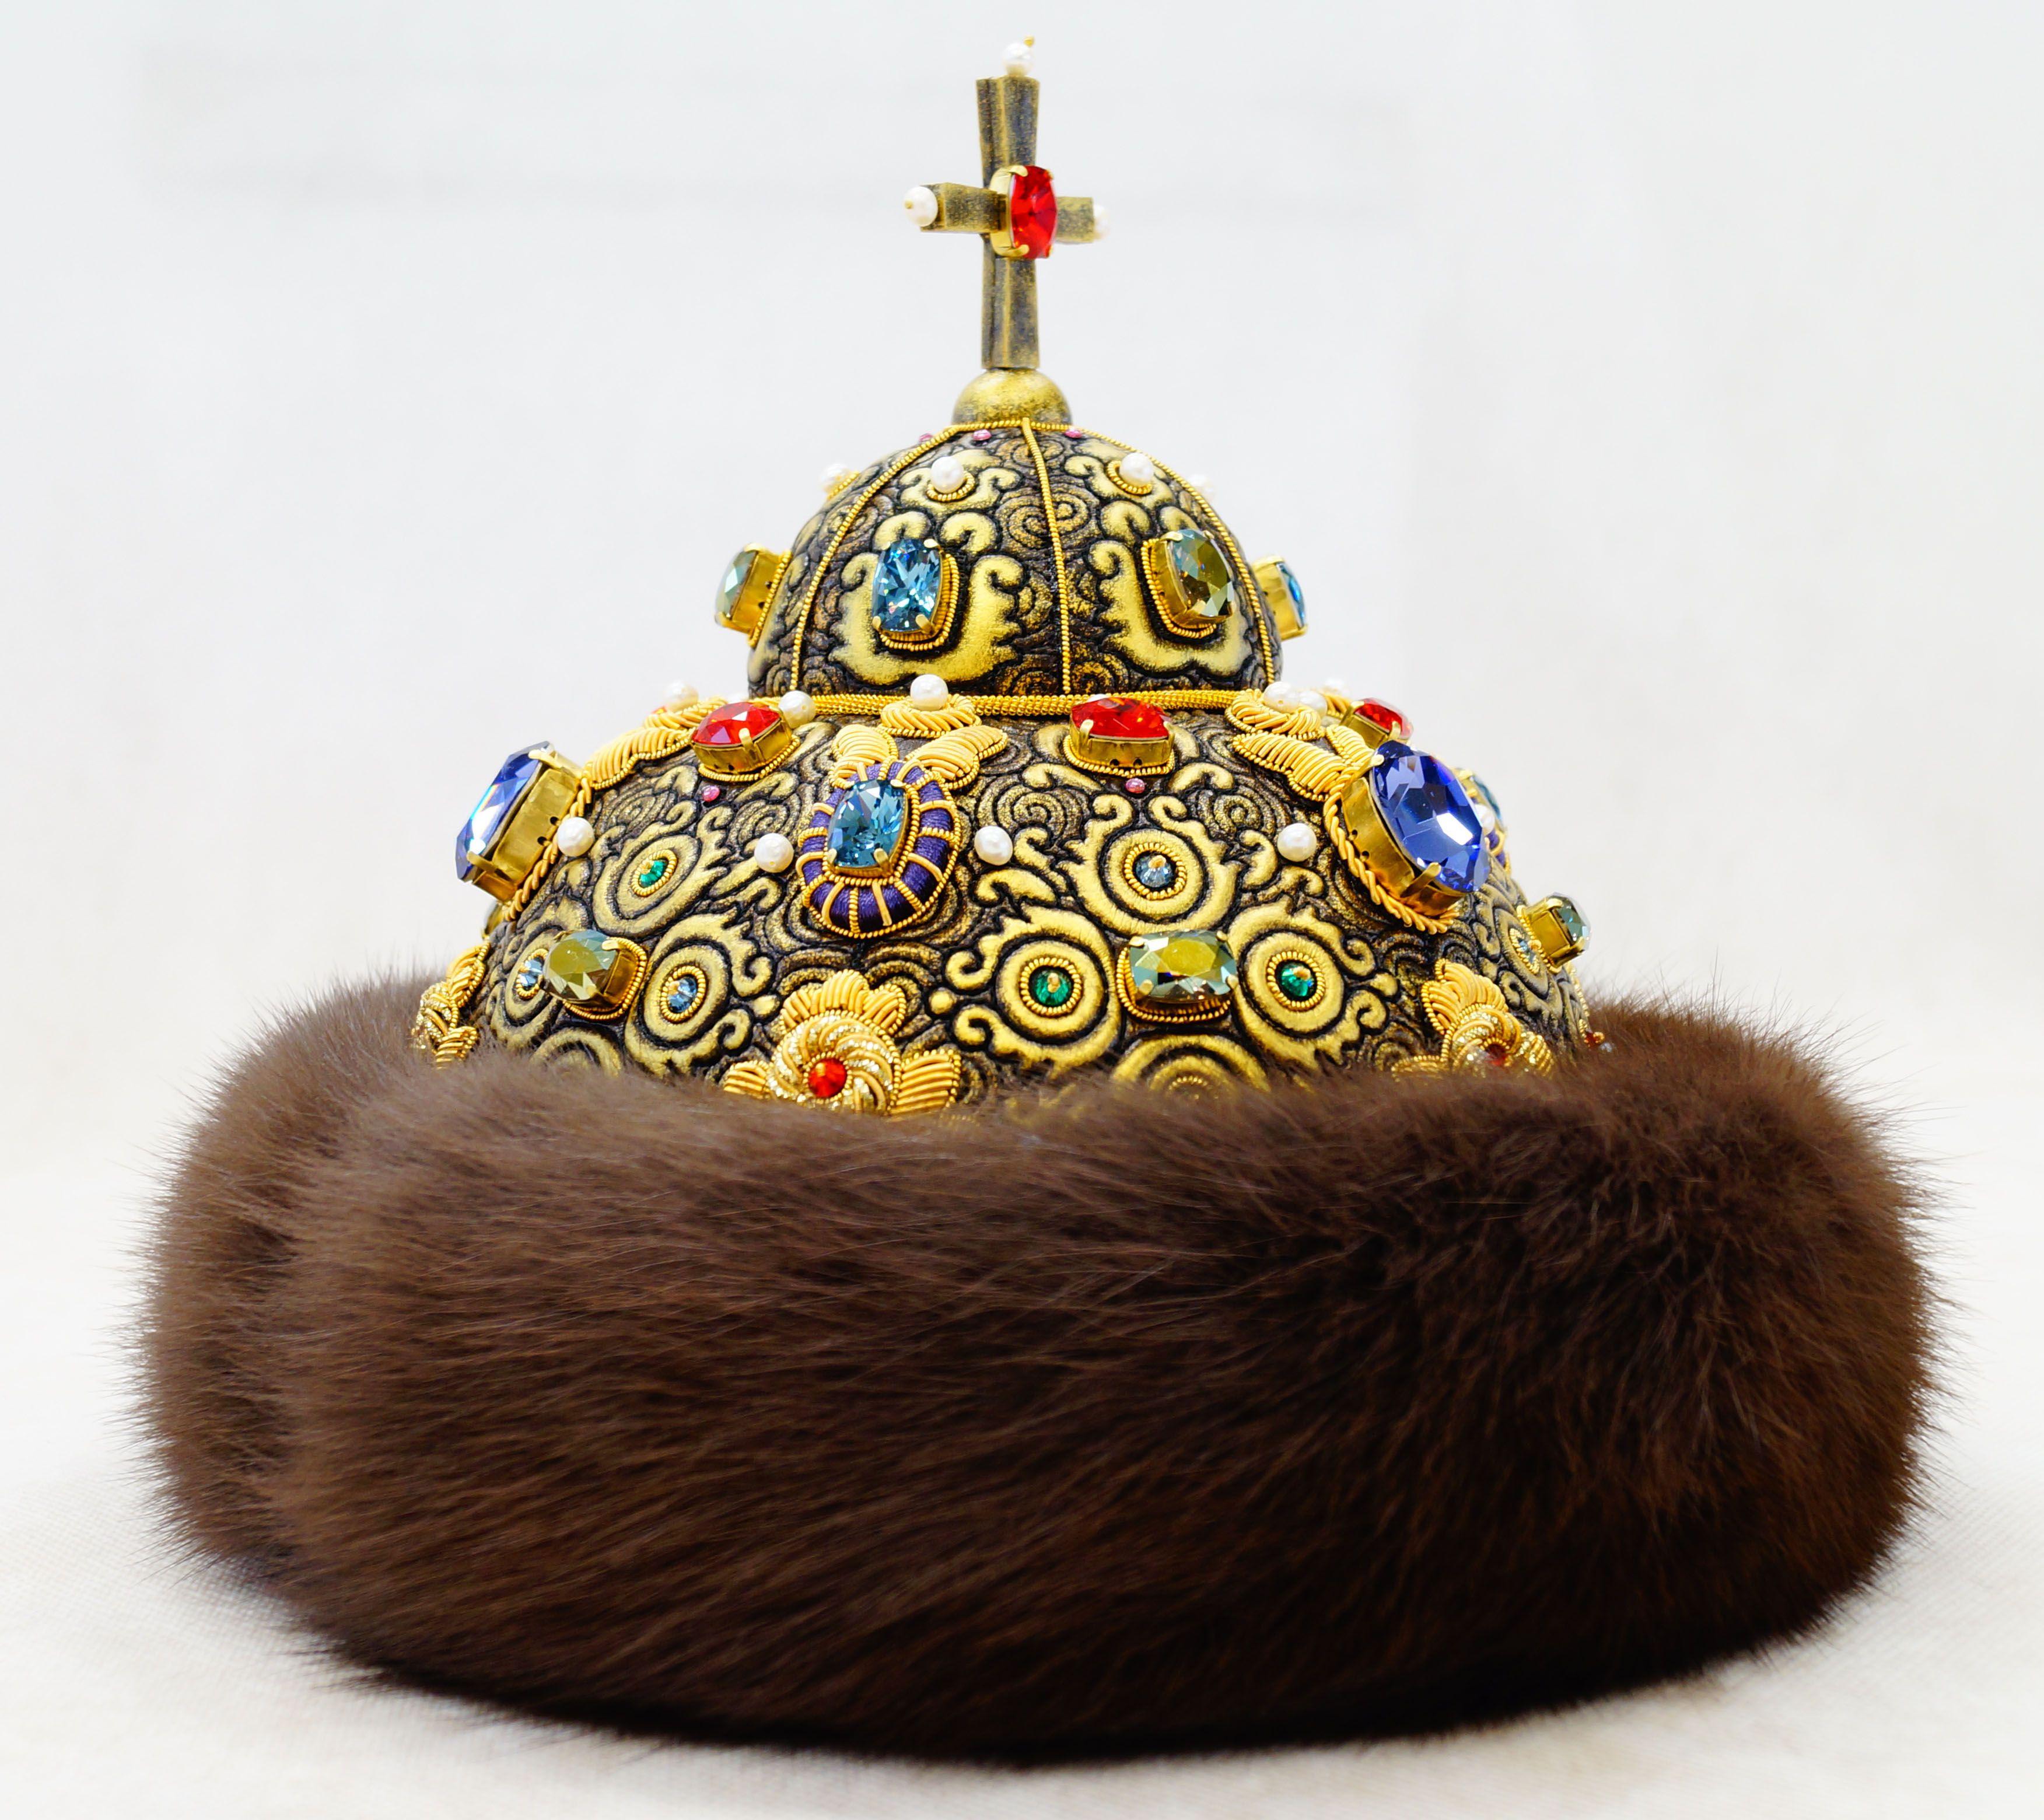 картинки про шапку мономаха сегодня мало, так